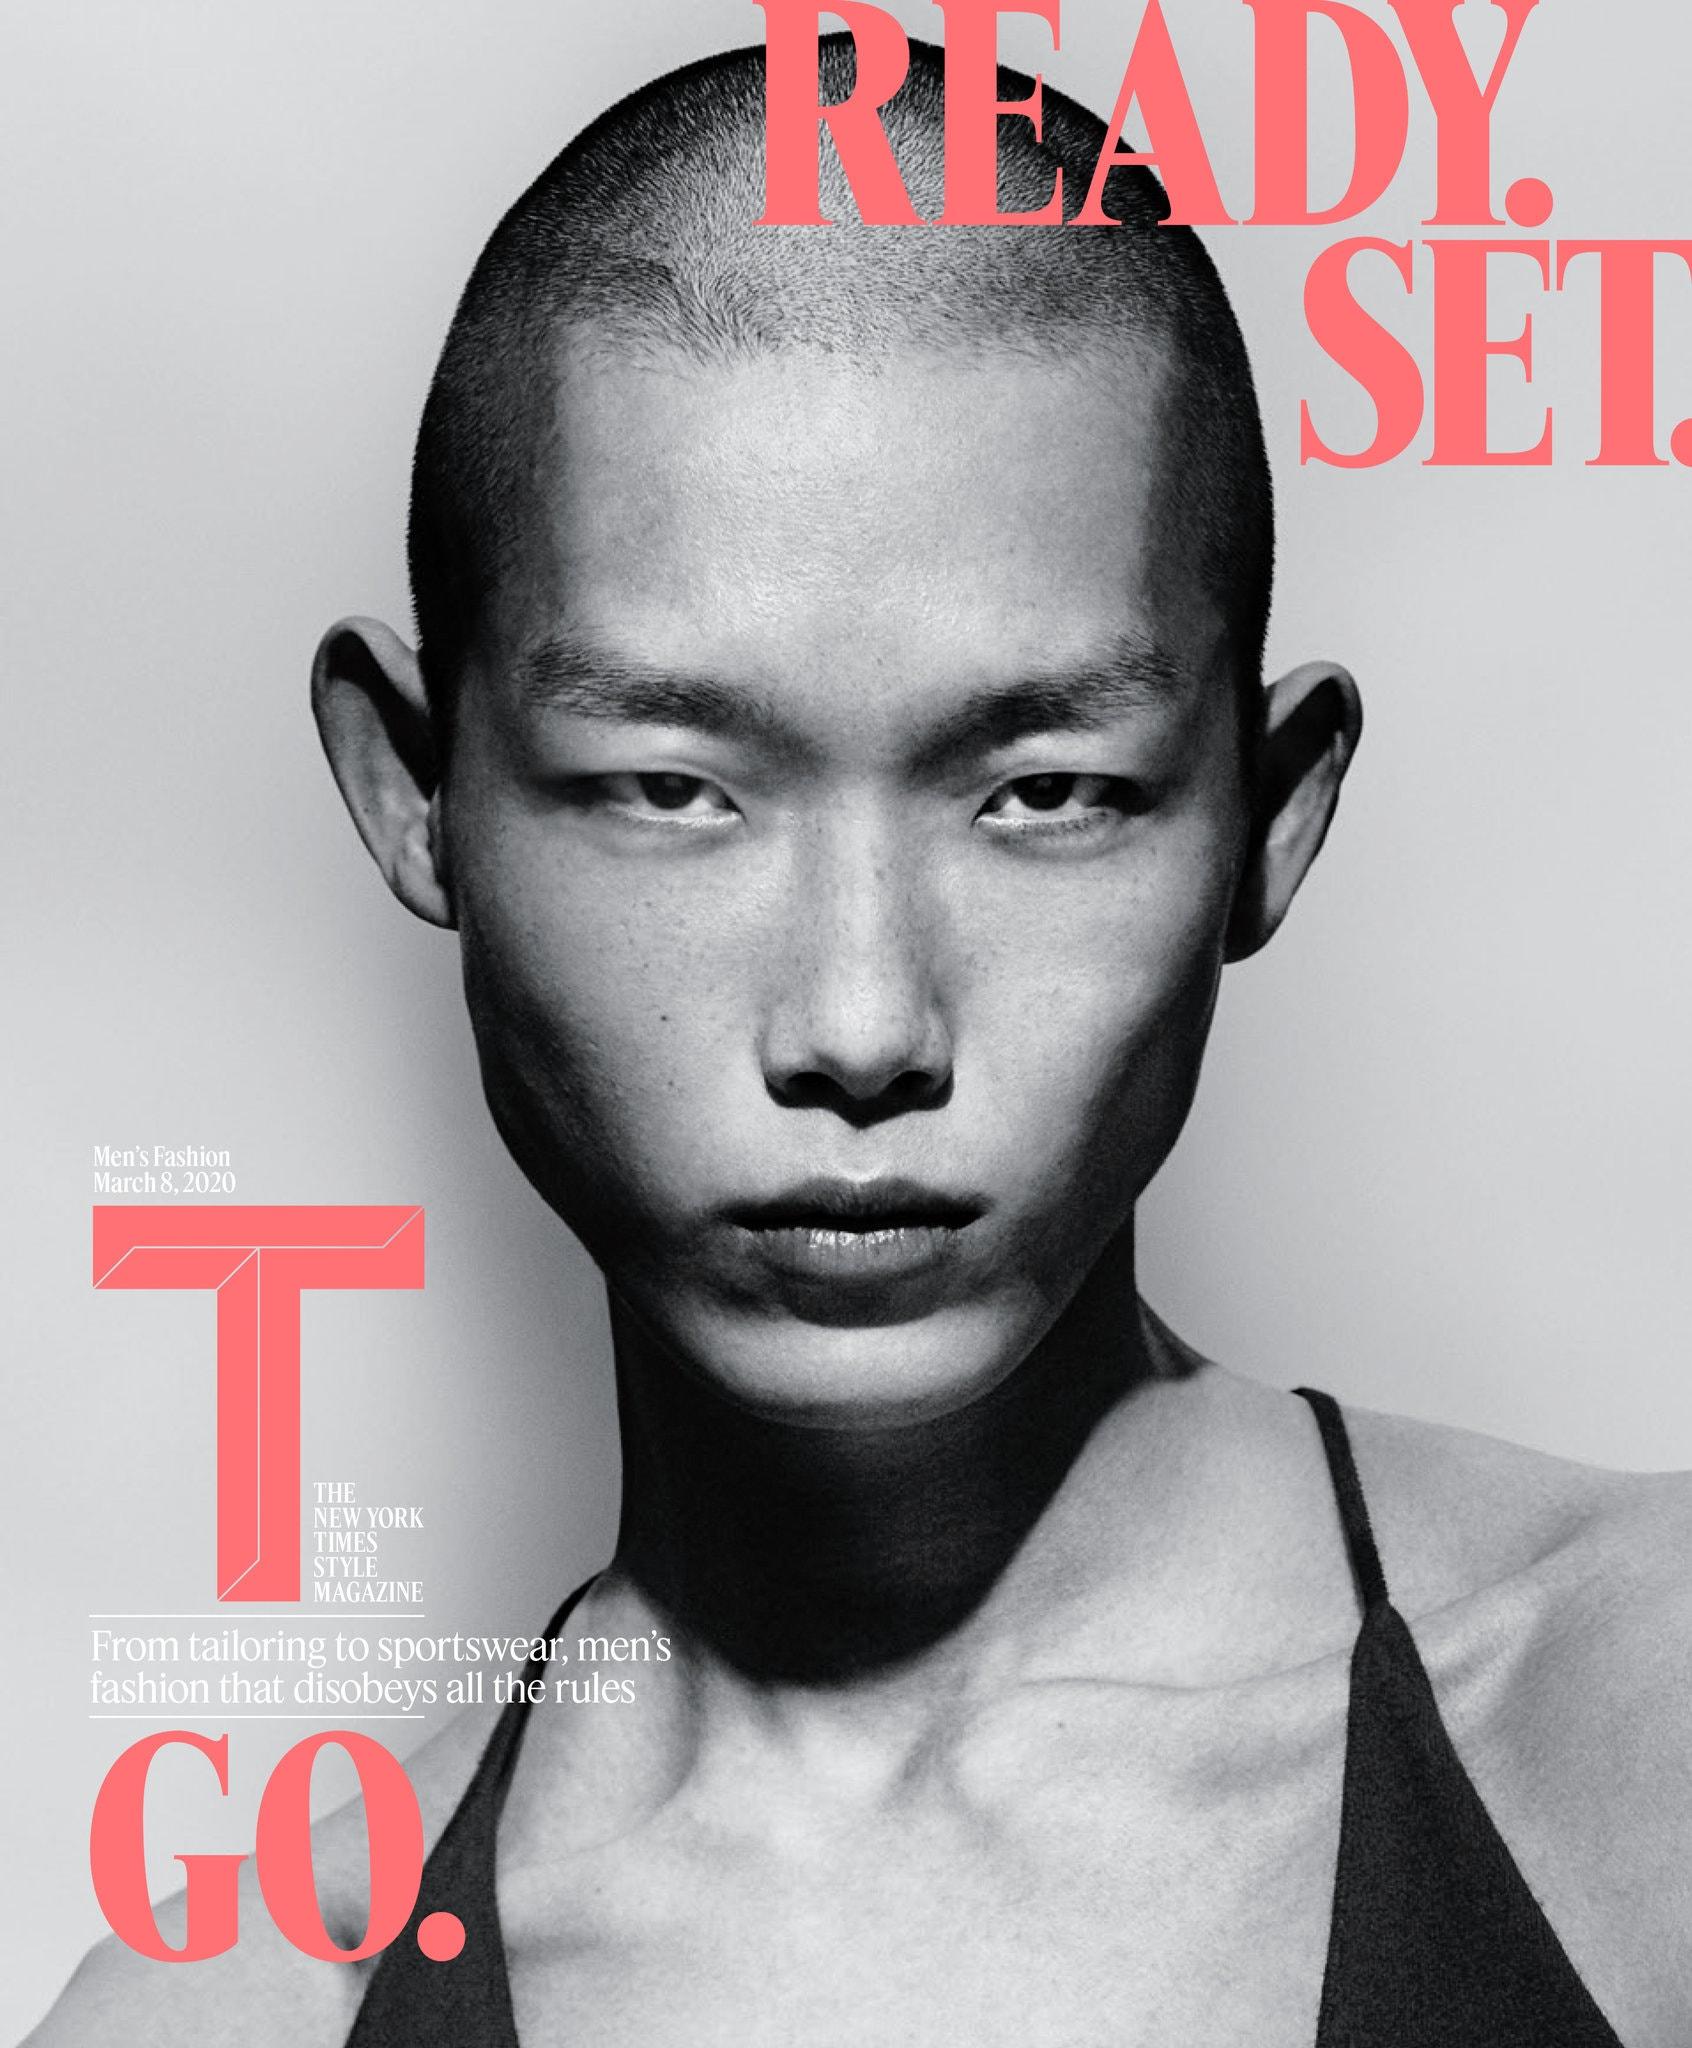 모델 수민 아시아 남성 최초 '뉴욕 타임즈 스타일 매거진' 표지 장식